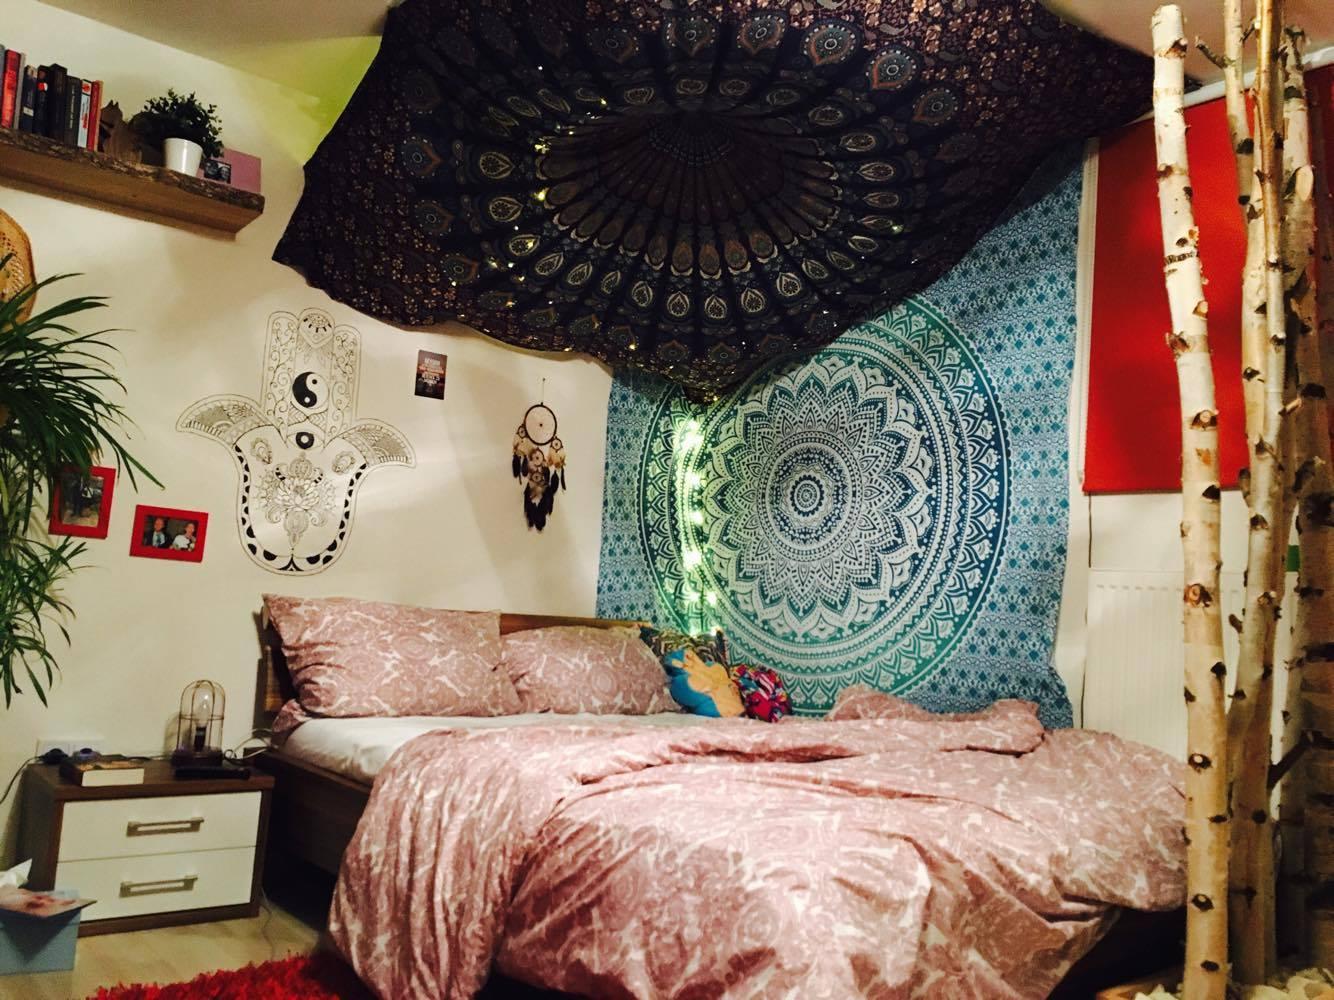 Schlafzimmer Ecke mit Wandtuch unter der Decke